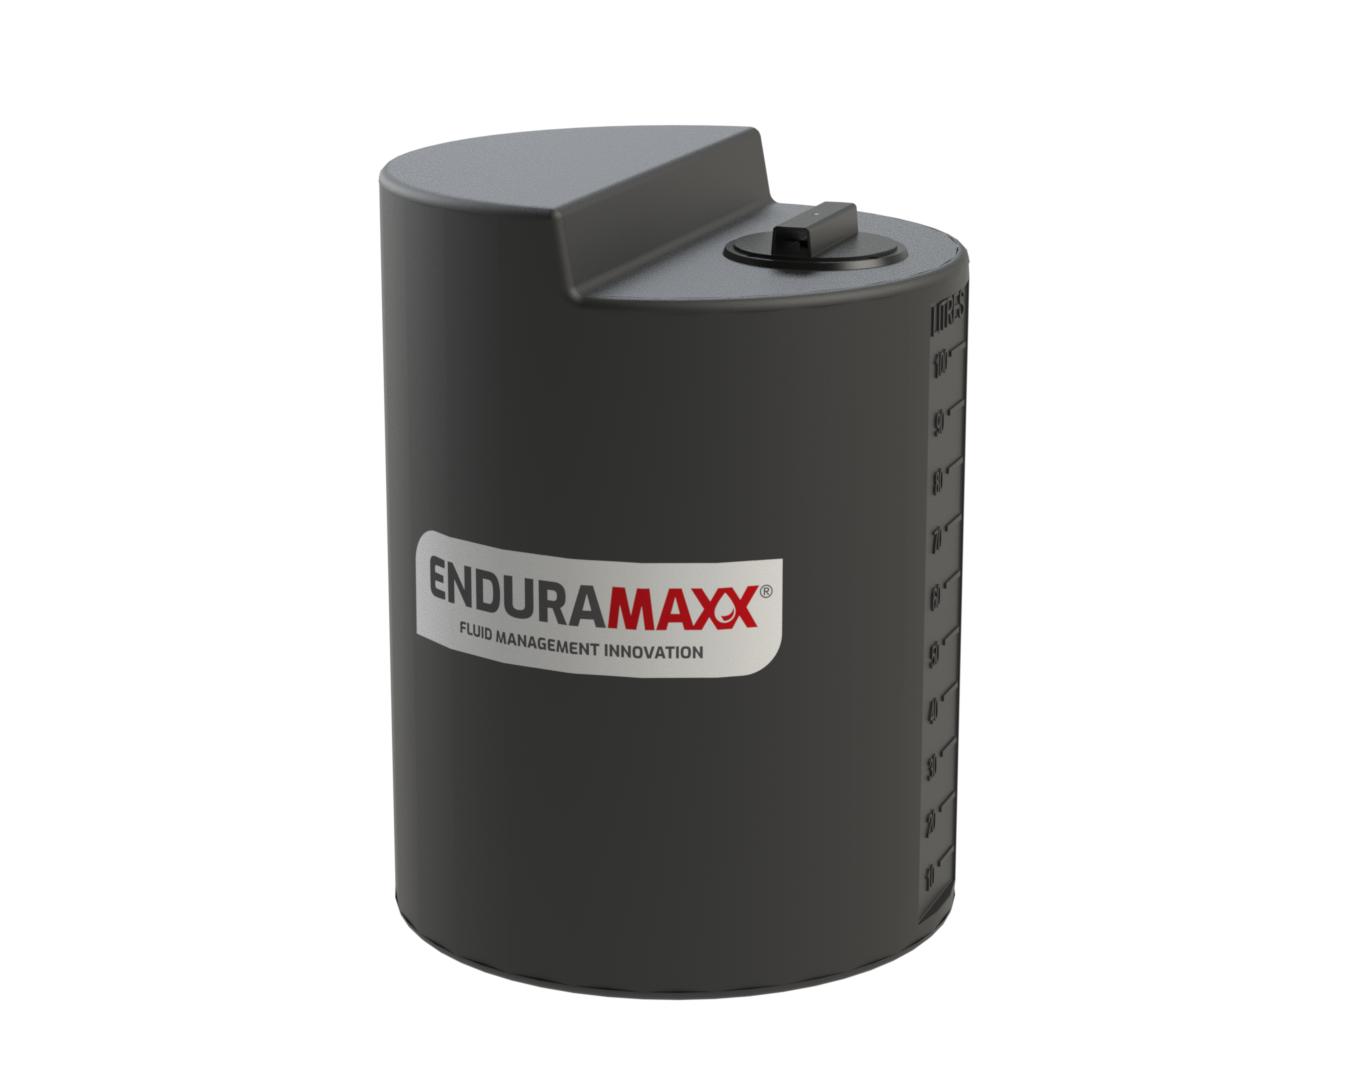 Enduramaxx 172701 100 Litre Water Tank, Non-Potable